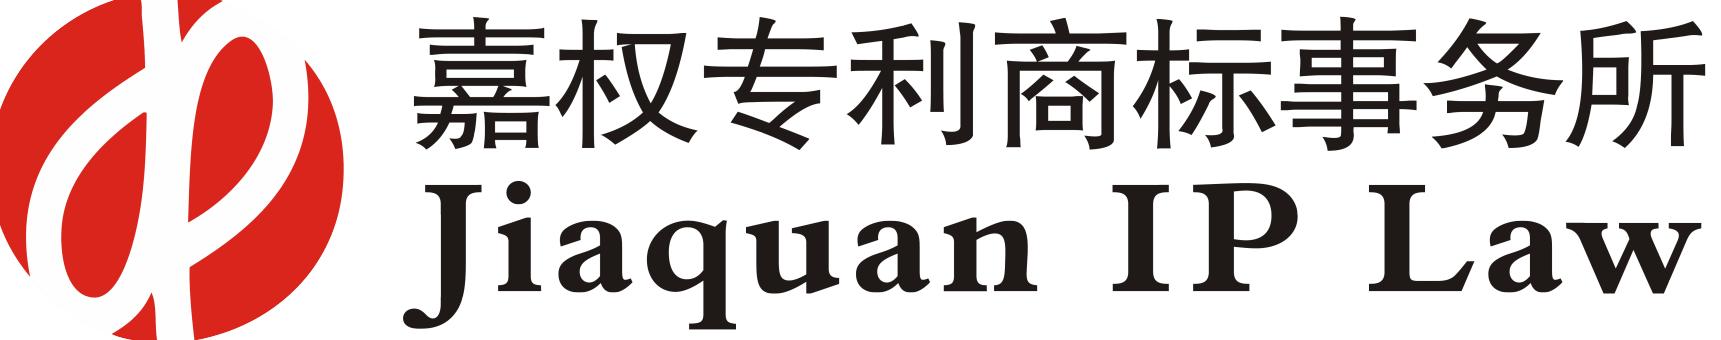 广州嘉权专利商标事务所有限公司中山分公司